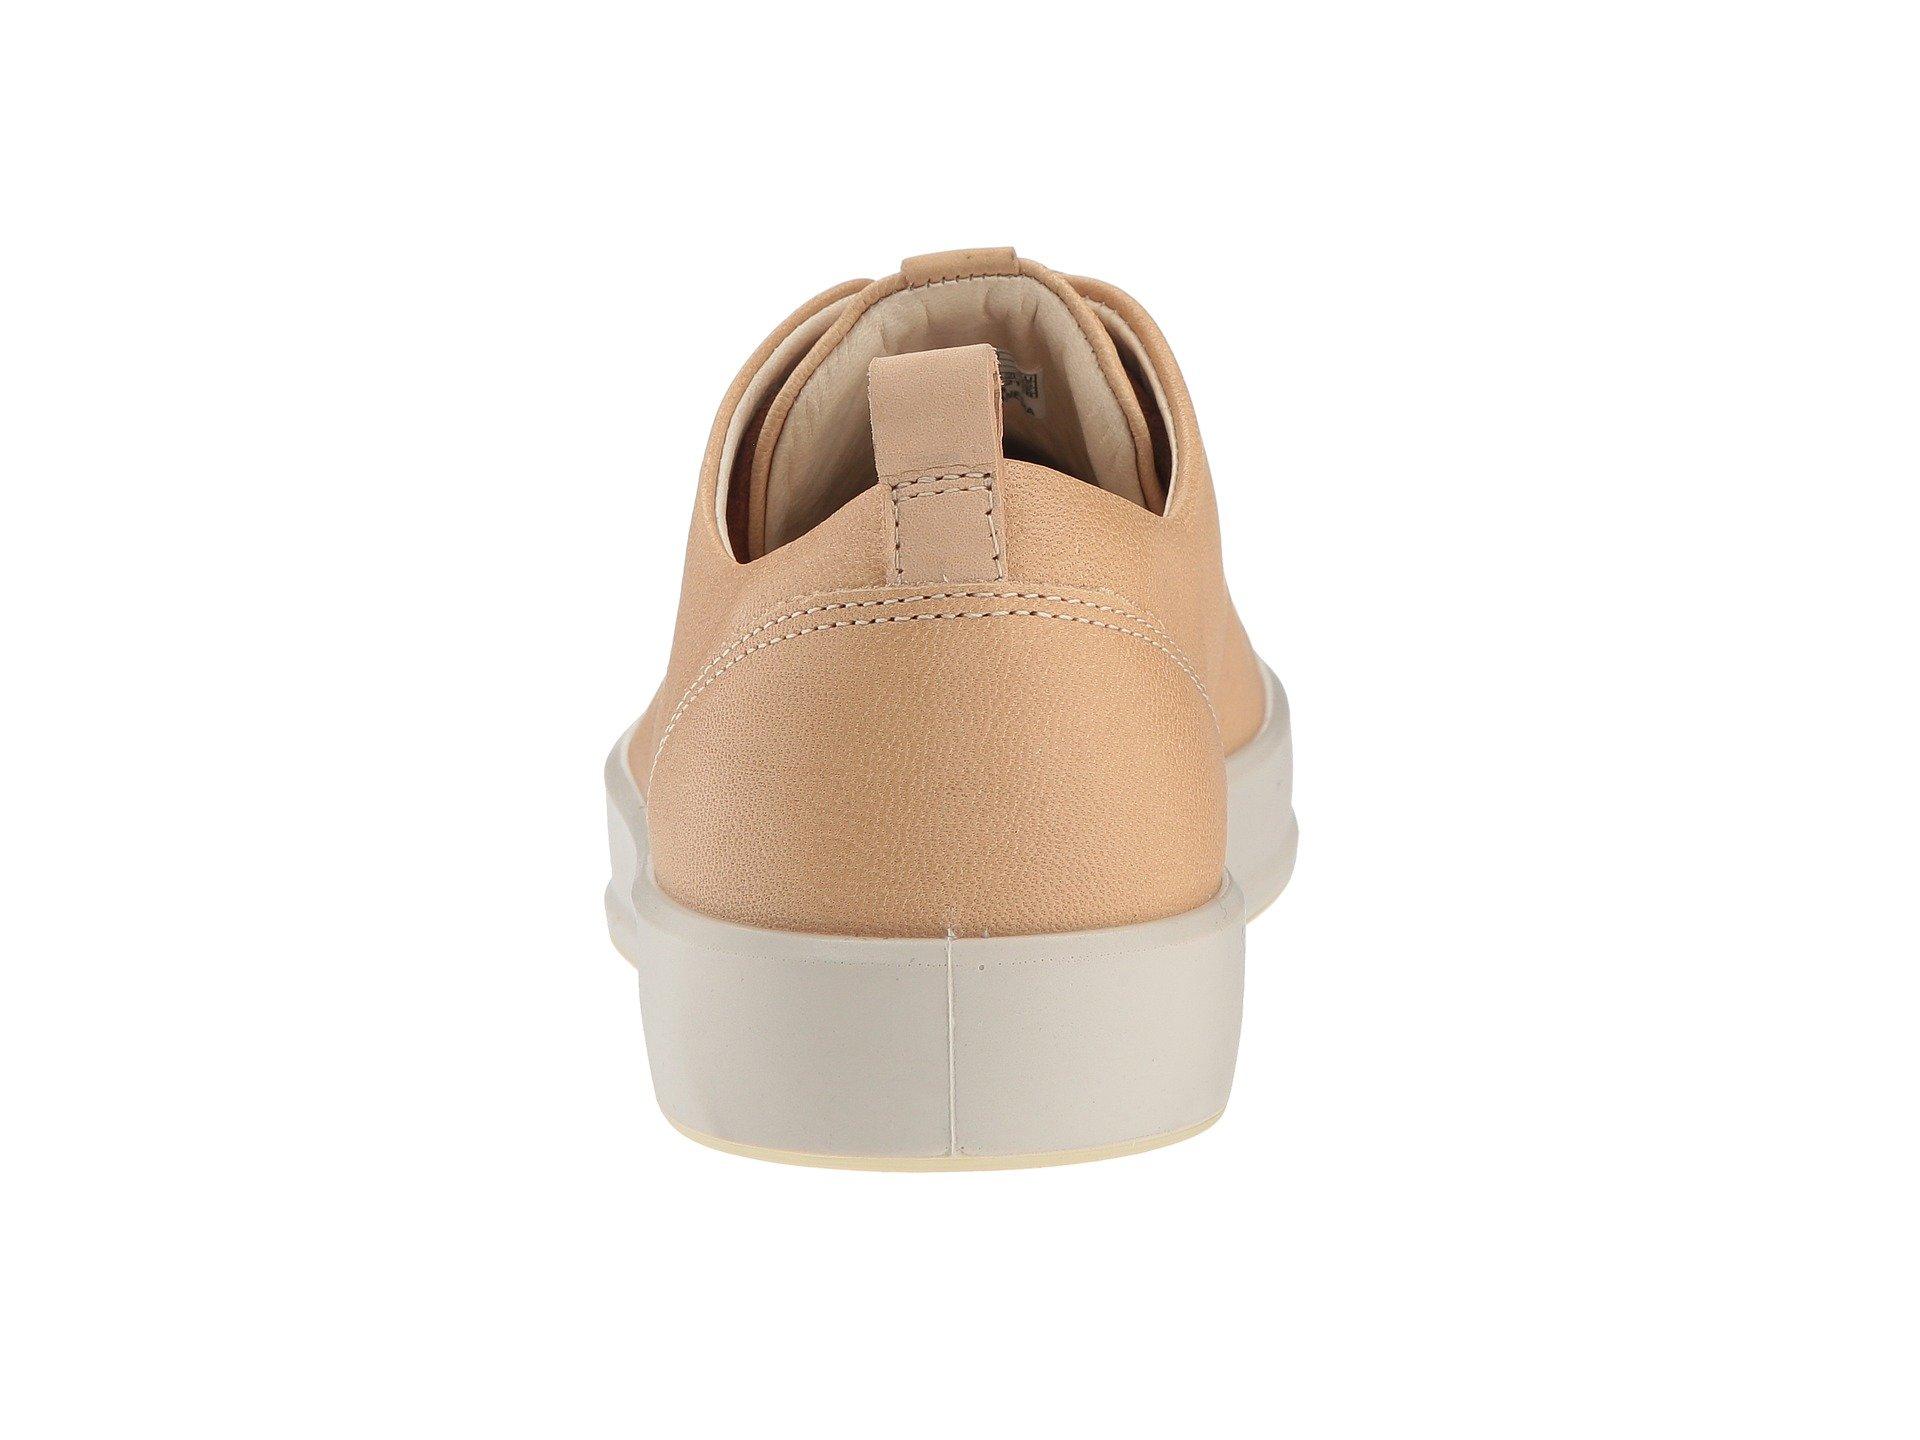 Camel Ecco Sneaker Leather Powder 8 Soft wpIRKIHq8O